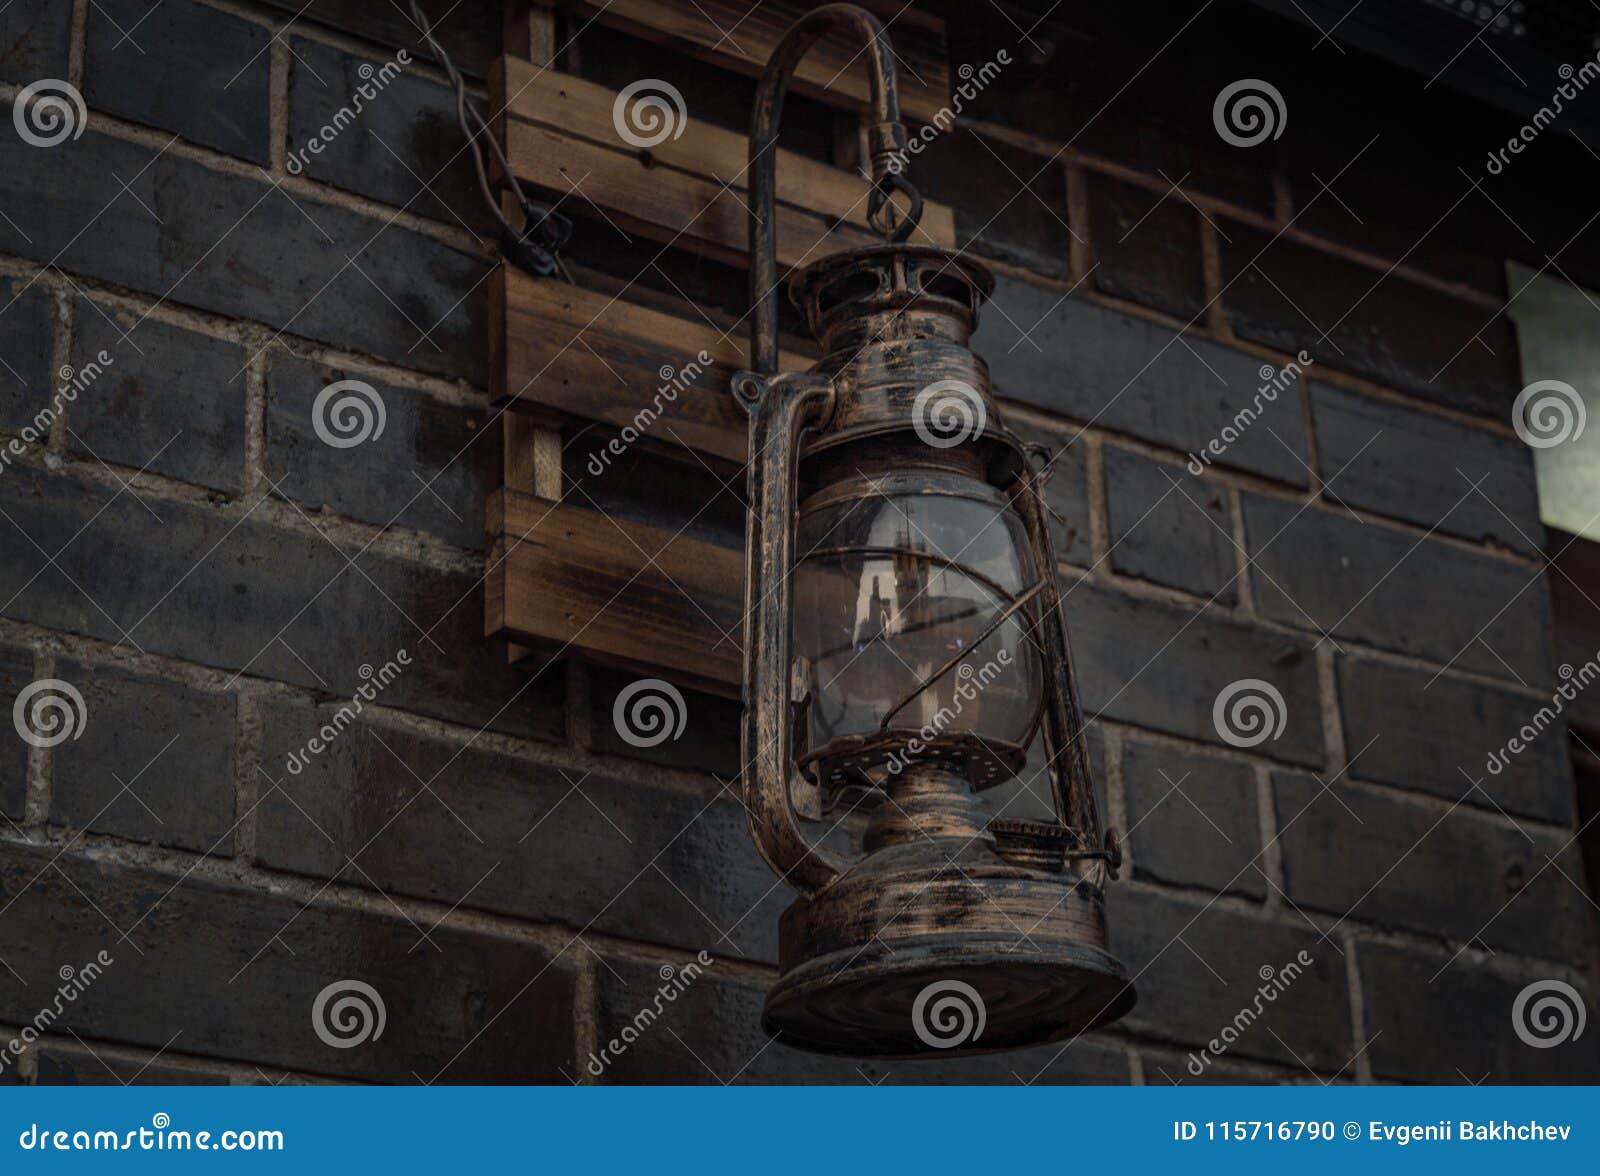 Alte Weinlesekerosin-Petroleumlaternelampe, die auf der Ziegelsteinwand hängt